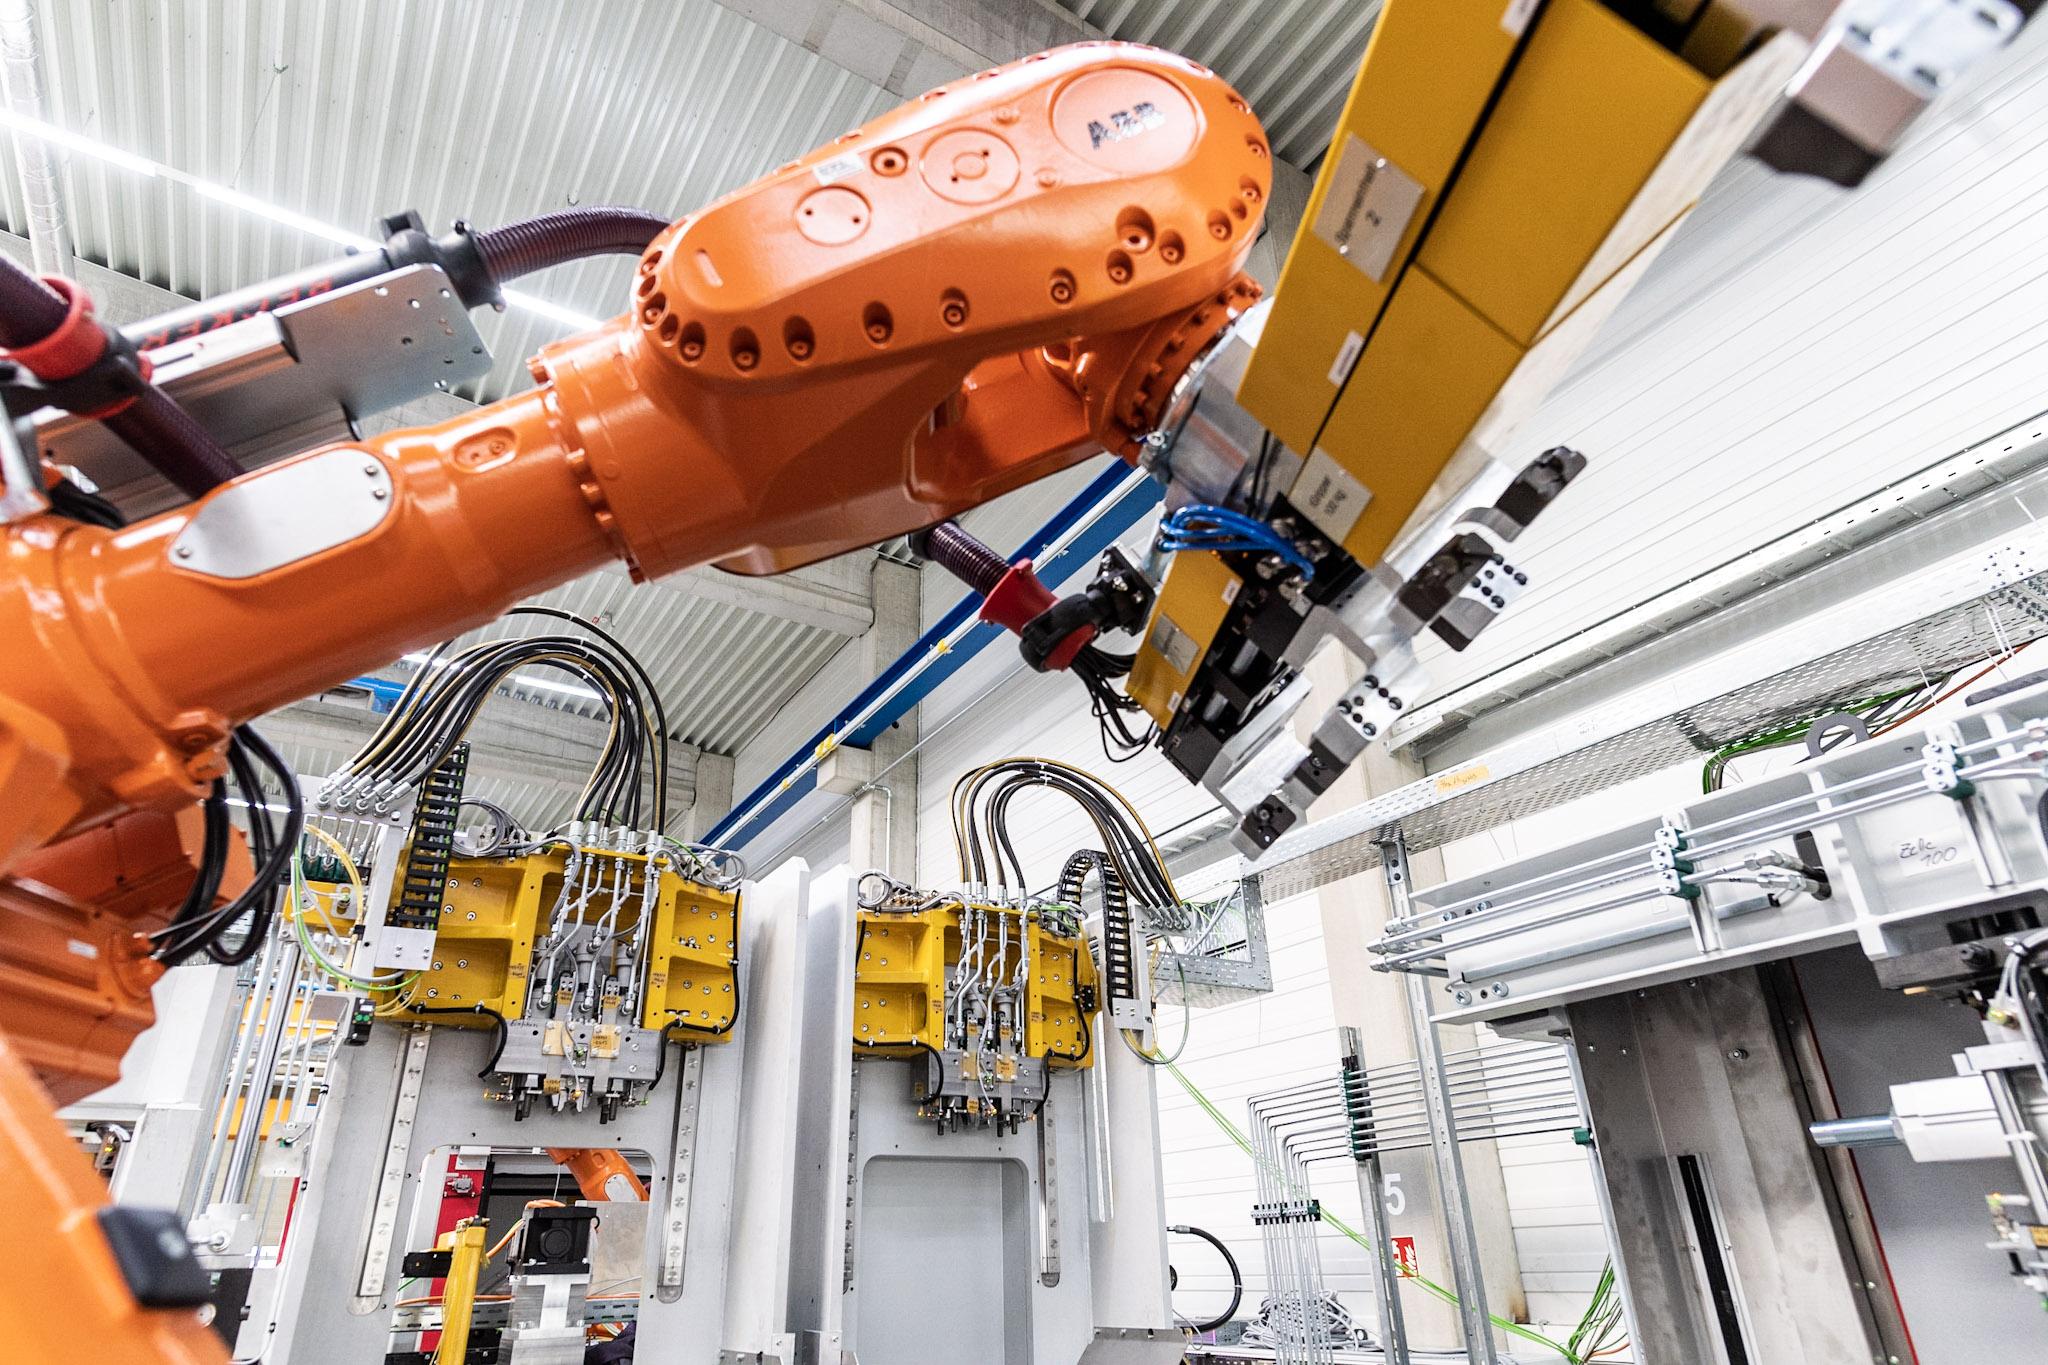 Bild 3: Entnahmeroboter (August Mössner GmbH + Co. KG)